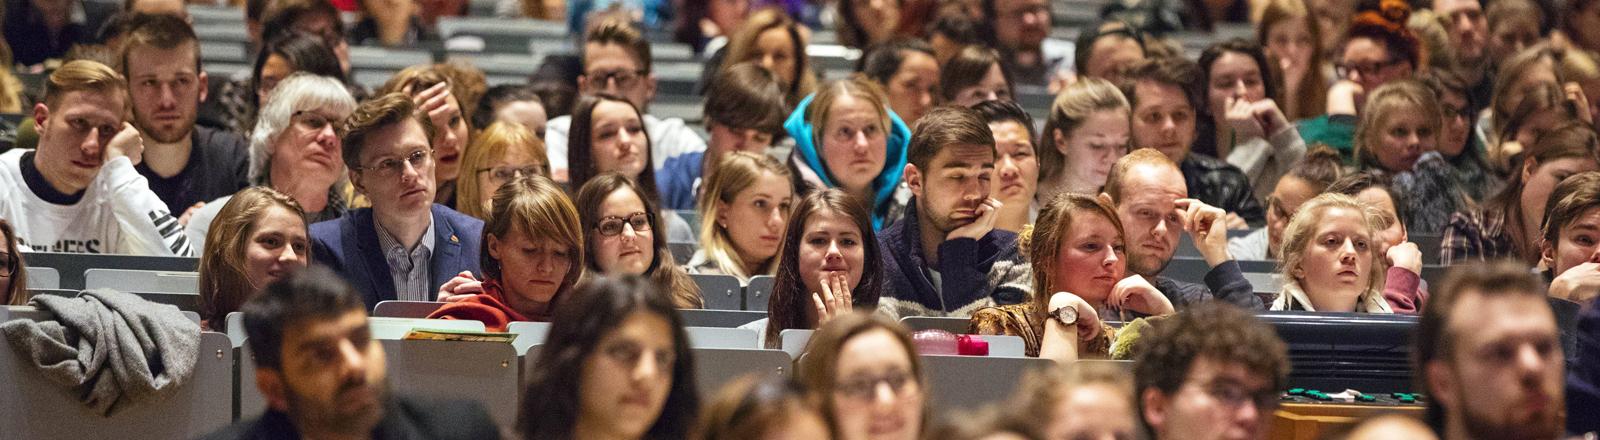 Studenten und Gasthörer an der Uni Köln im Februar 2017.